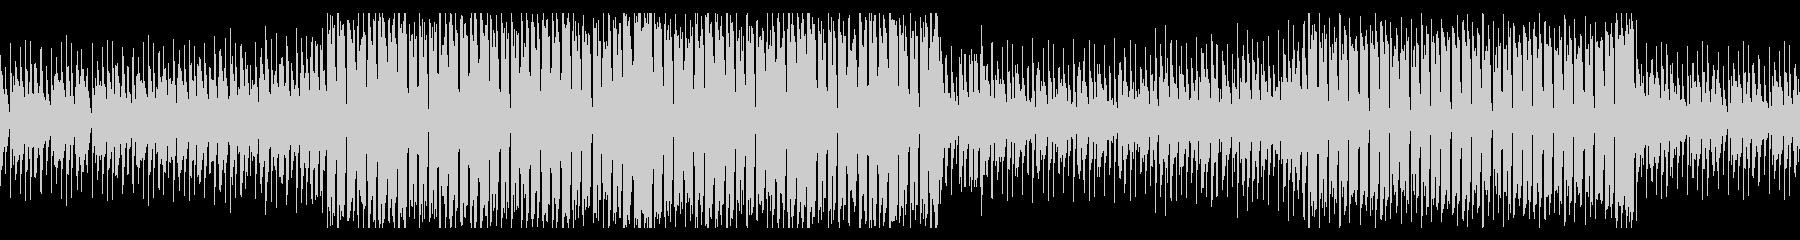 軽快なジャズドラムのエレクトロスウィングの未再生の波形